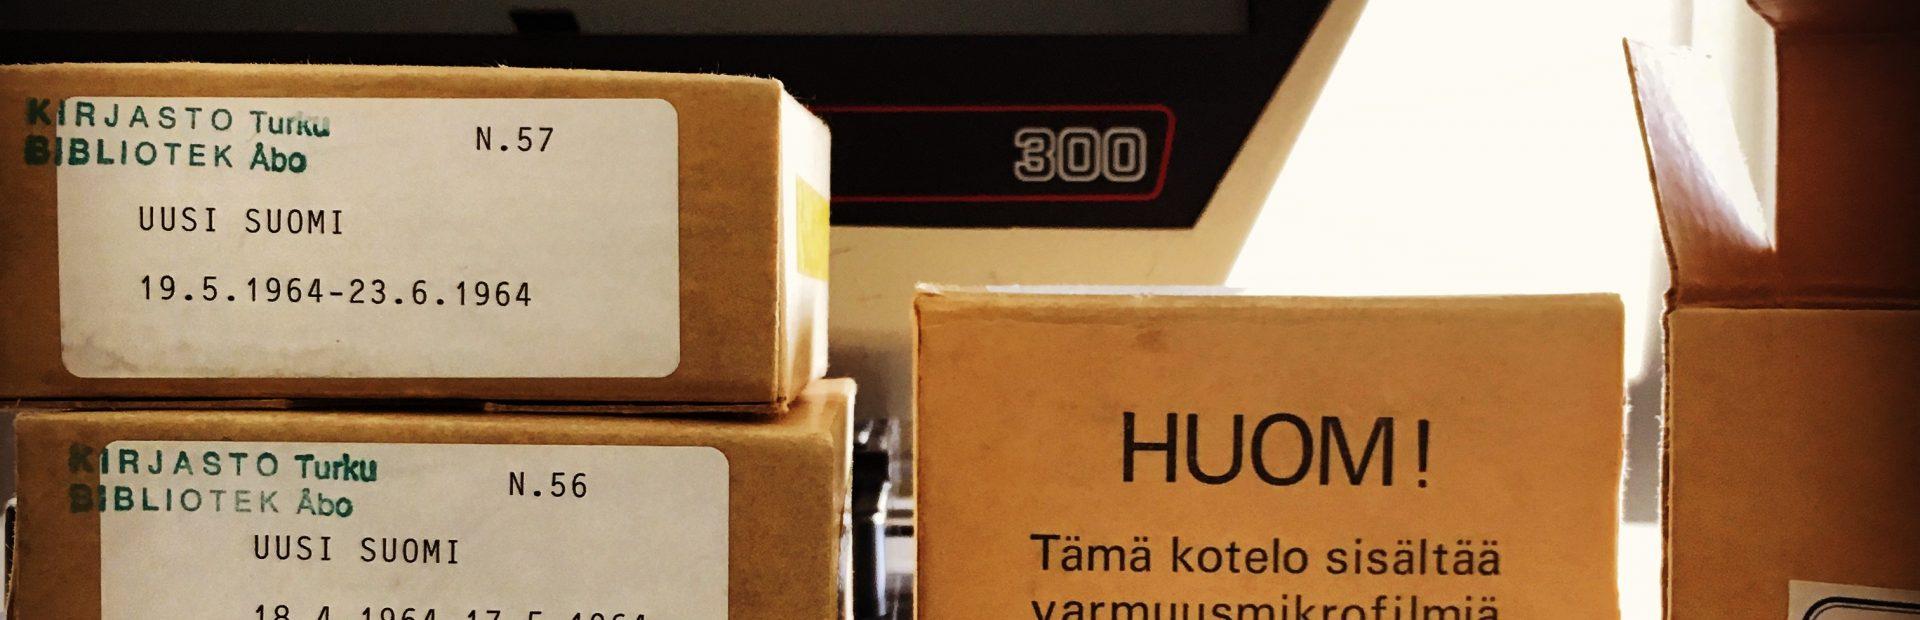 Turun yliopisto, poliittinen historia